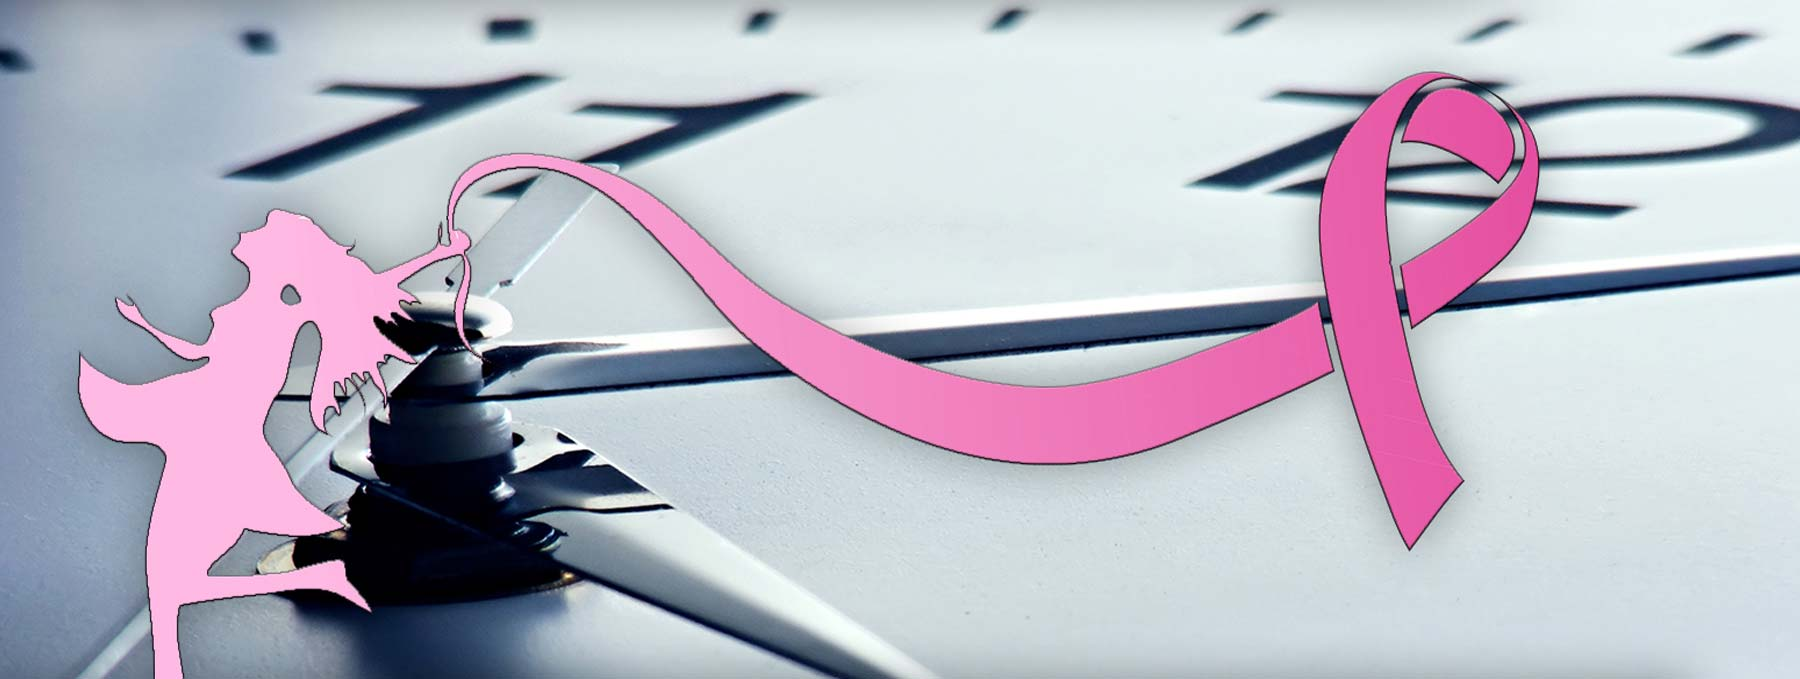 Brustkrebs neue wiederkehrende Forschung